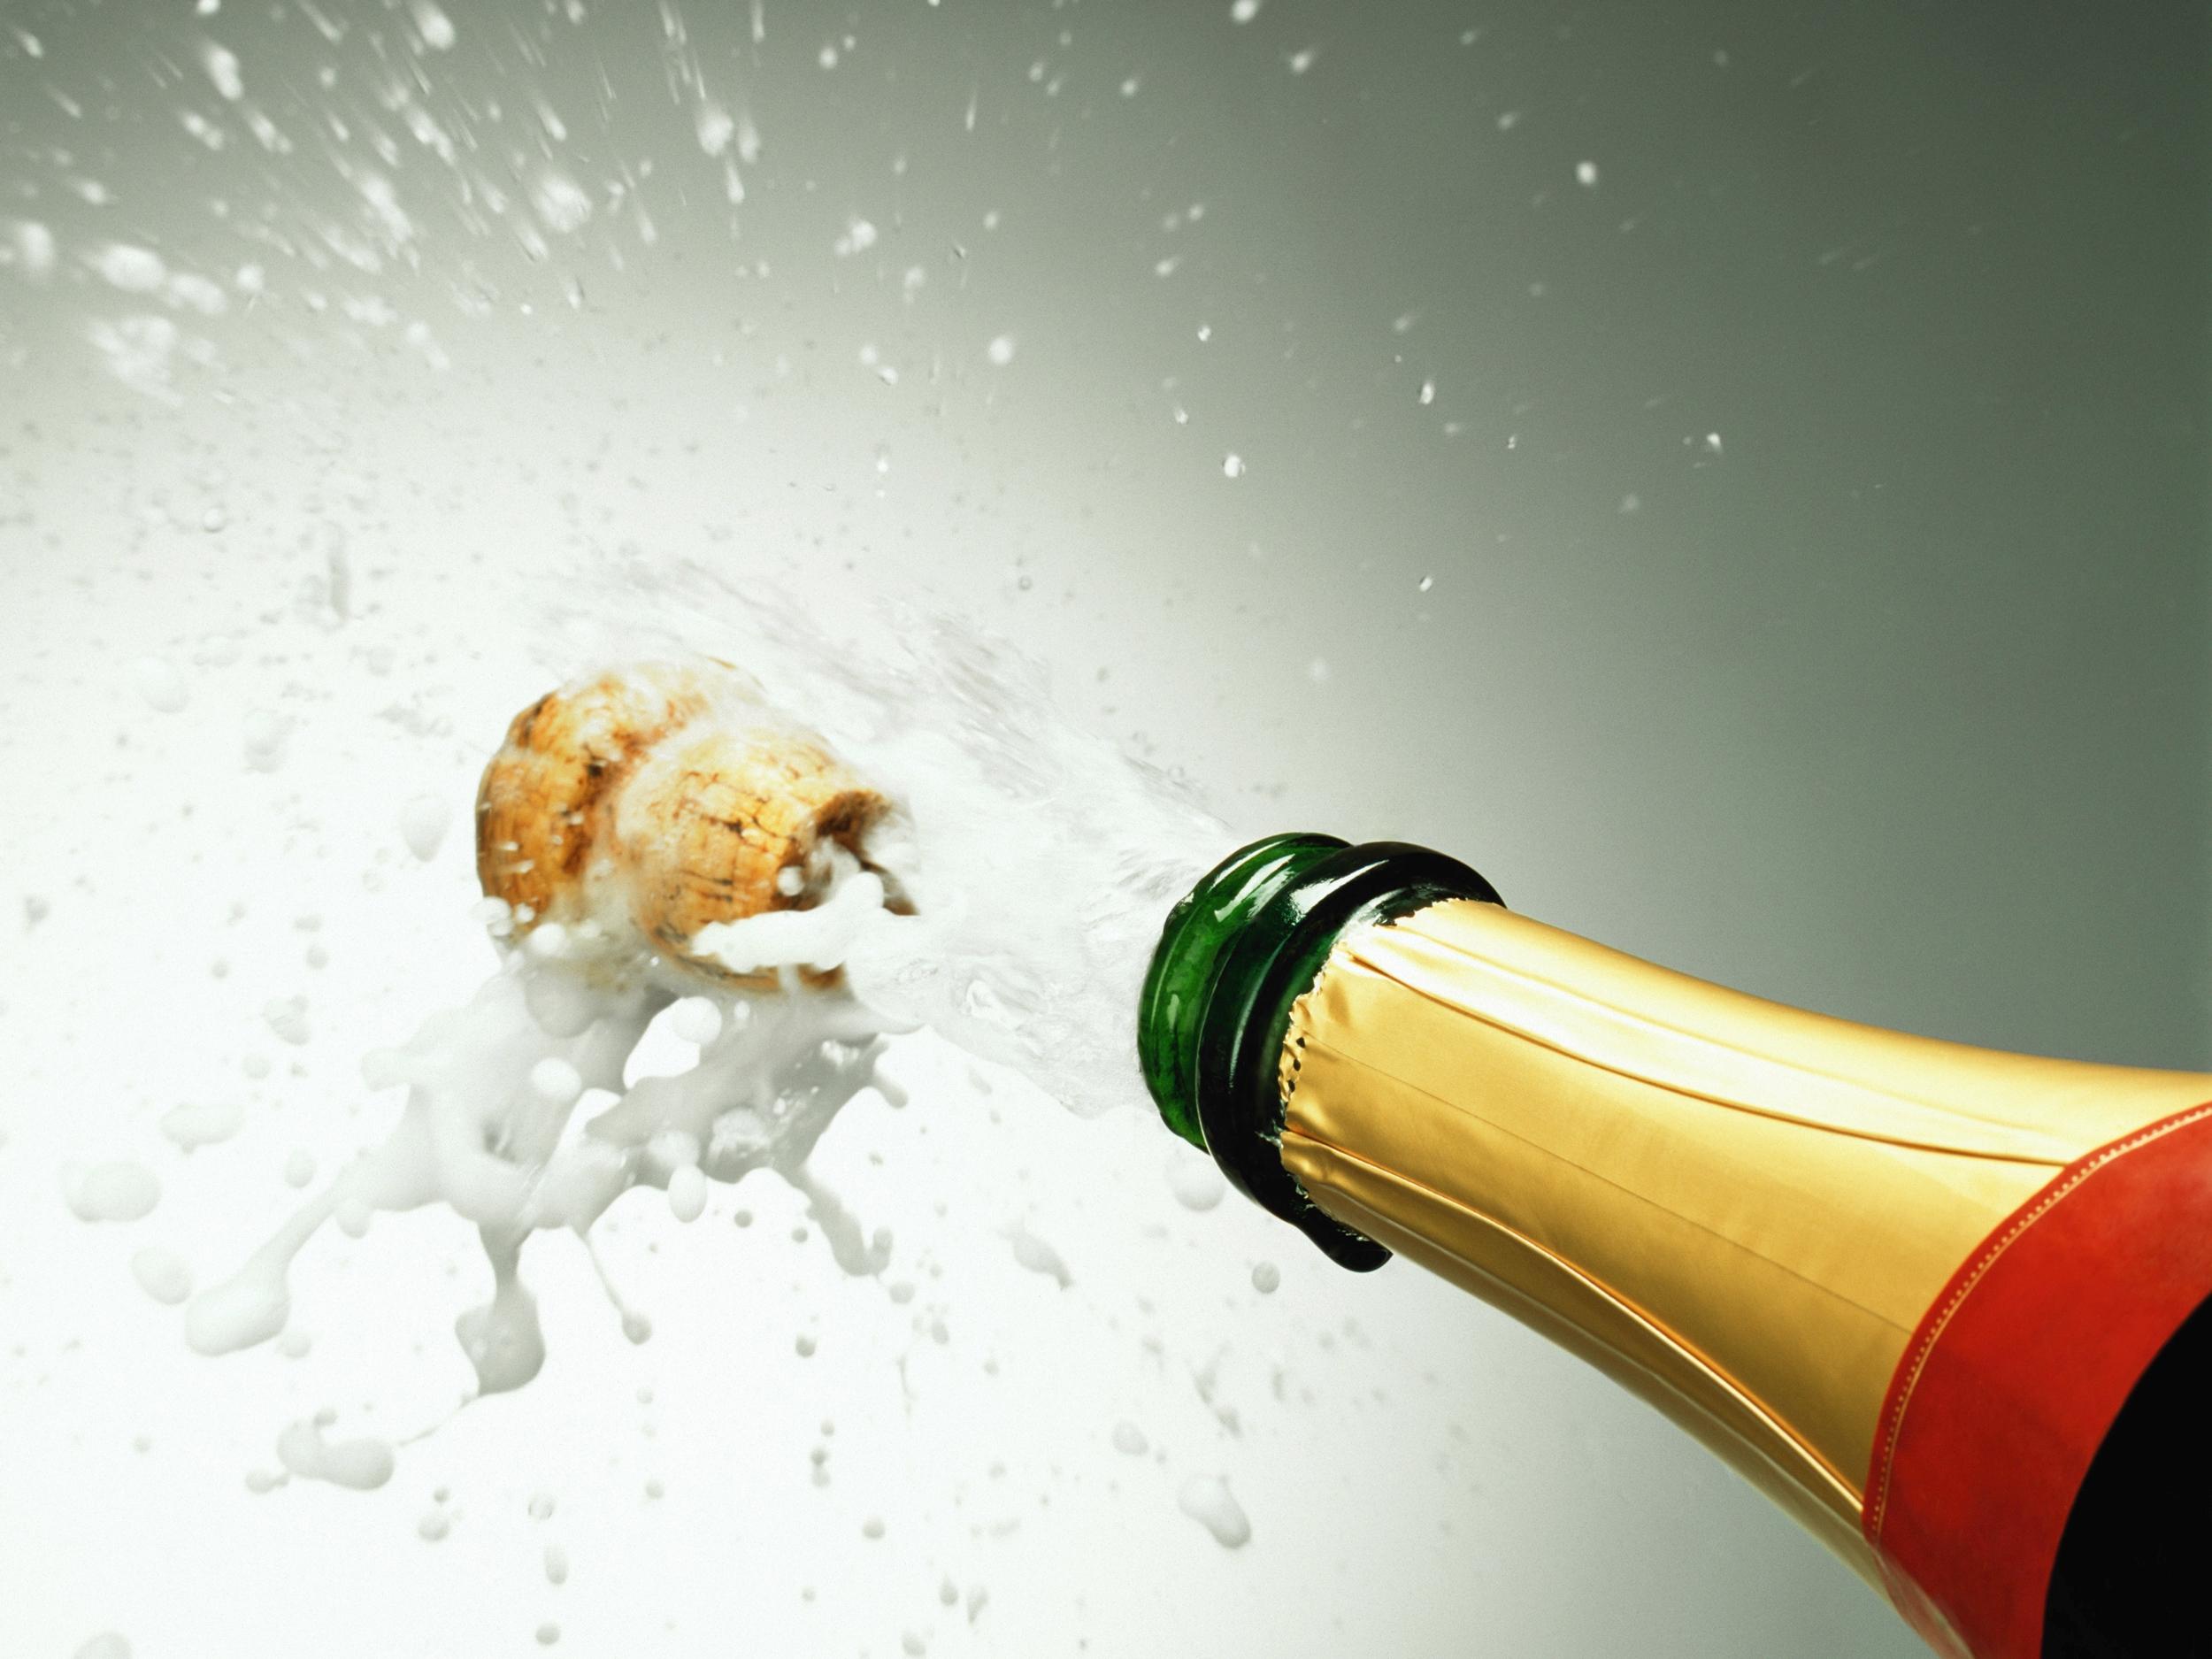 Суёт бутылку от шампанского, Села на бутылку -видео. Смотреть Села на бутылку 8 фотография